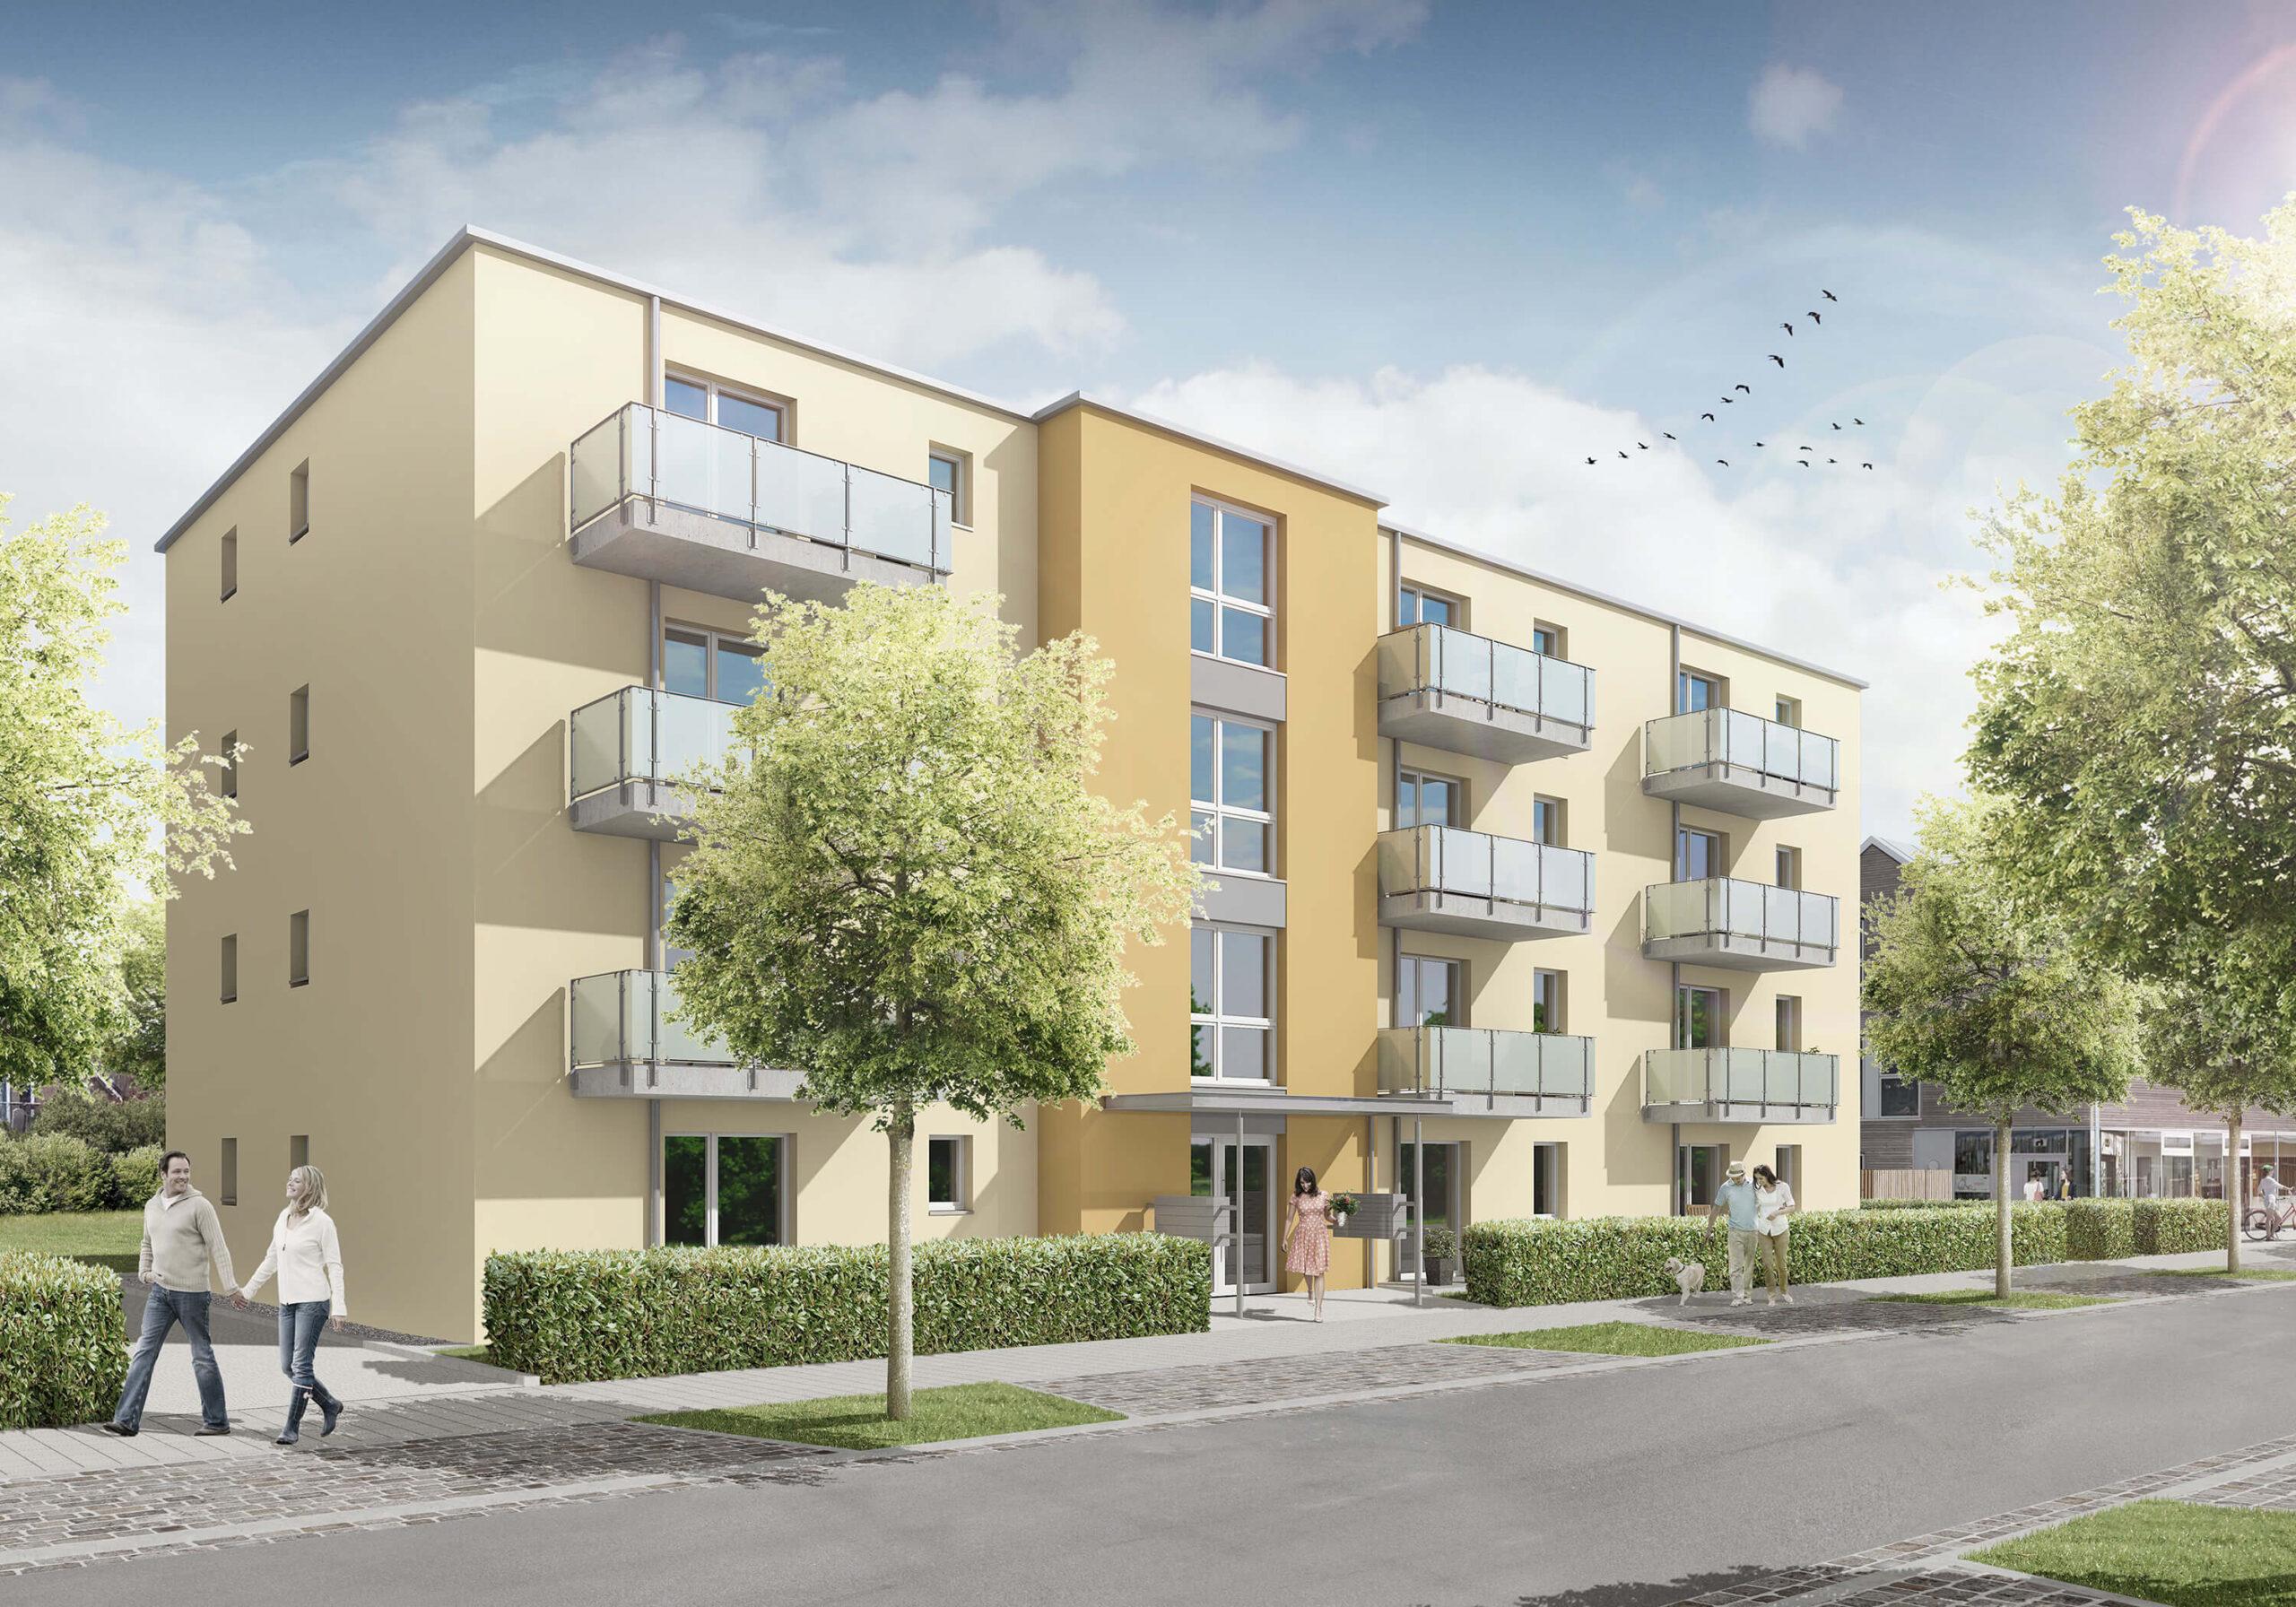 Ansicht des Mehrfamilienhaus in der Paul-Ehrlich-Straße 1+3 in Lübeck - Planung Heizung & Sanitär vom Ingenieurbüro Rüdiger aus Rostock